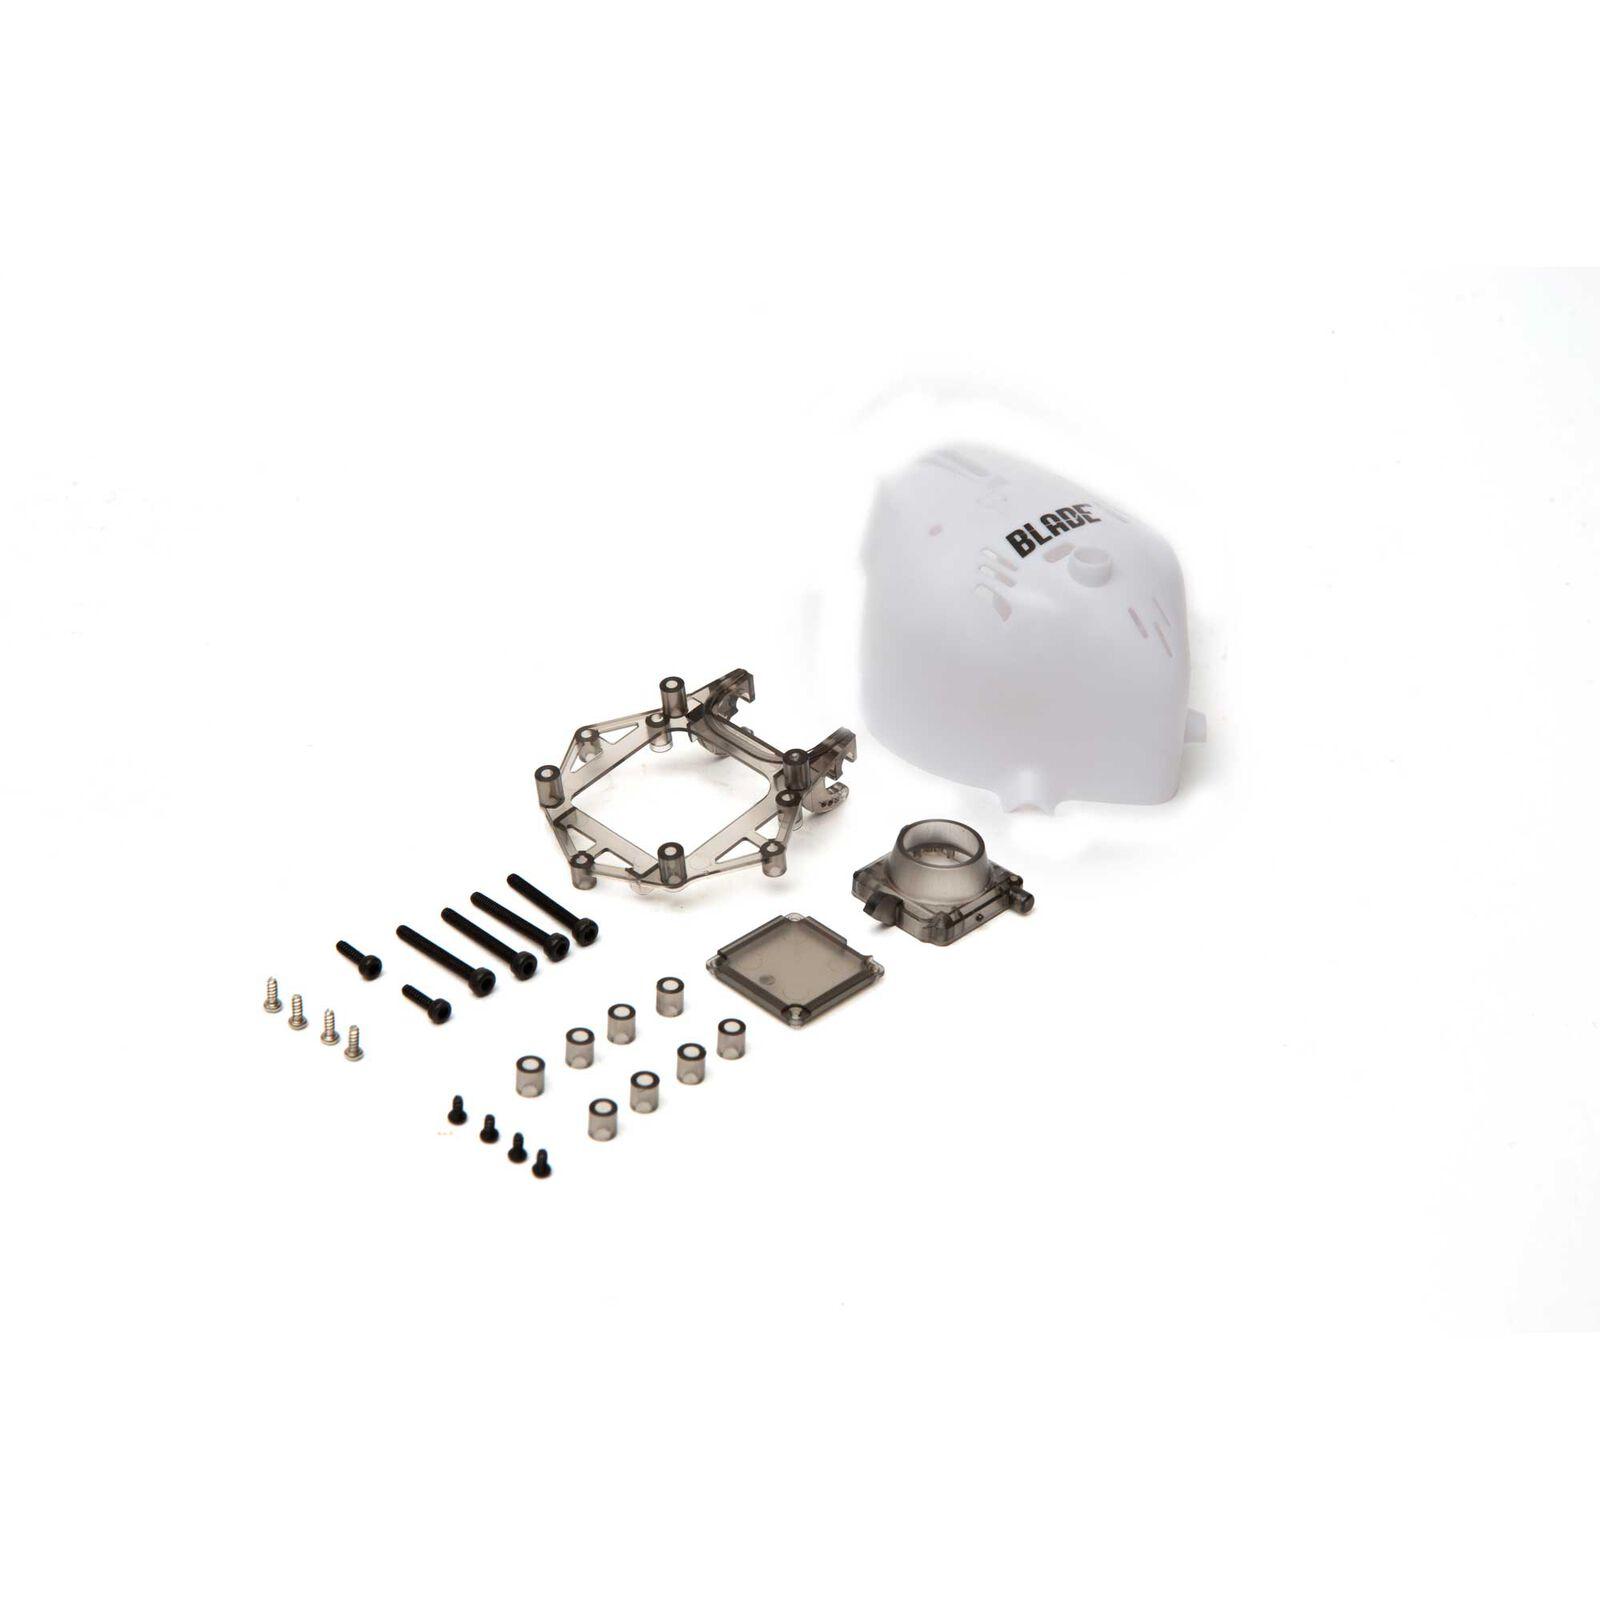 Torrent 110 FPV - Carrosserie